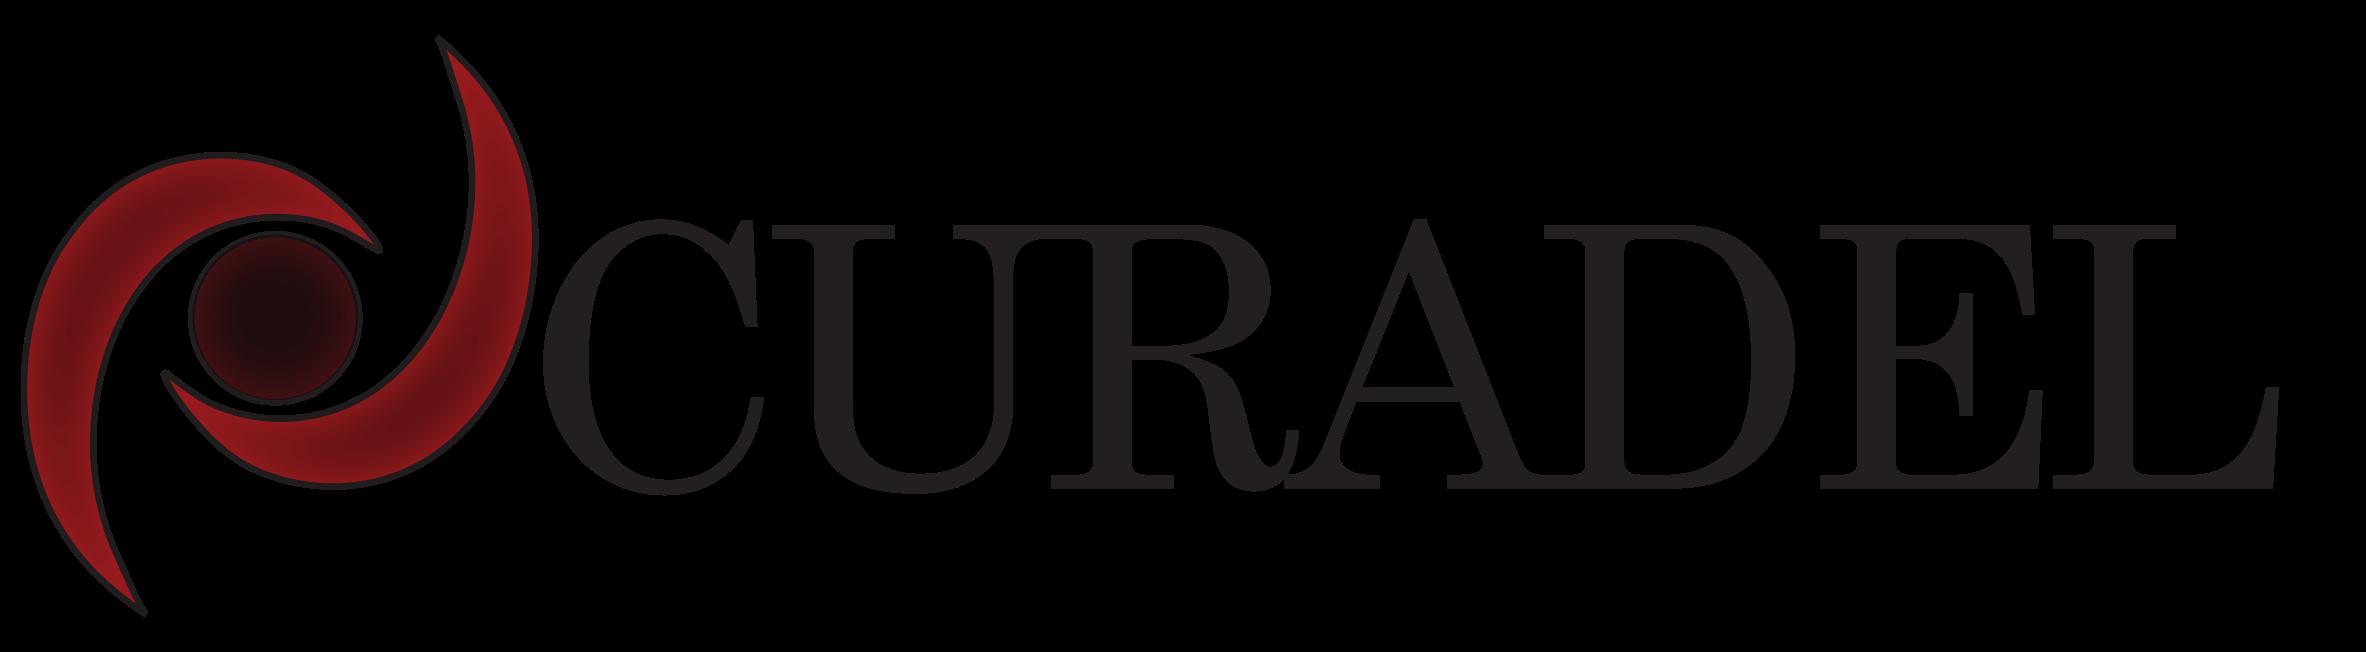 Curadel Logo